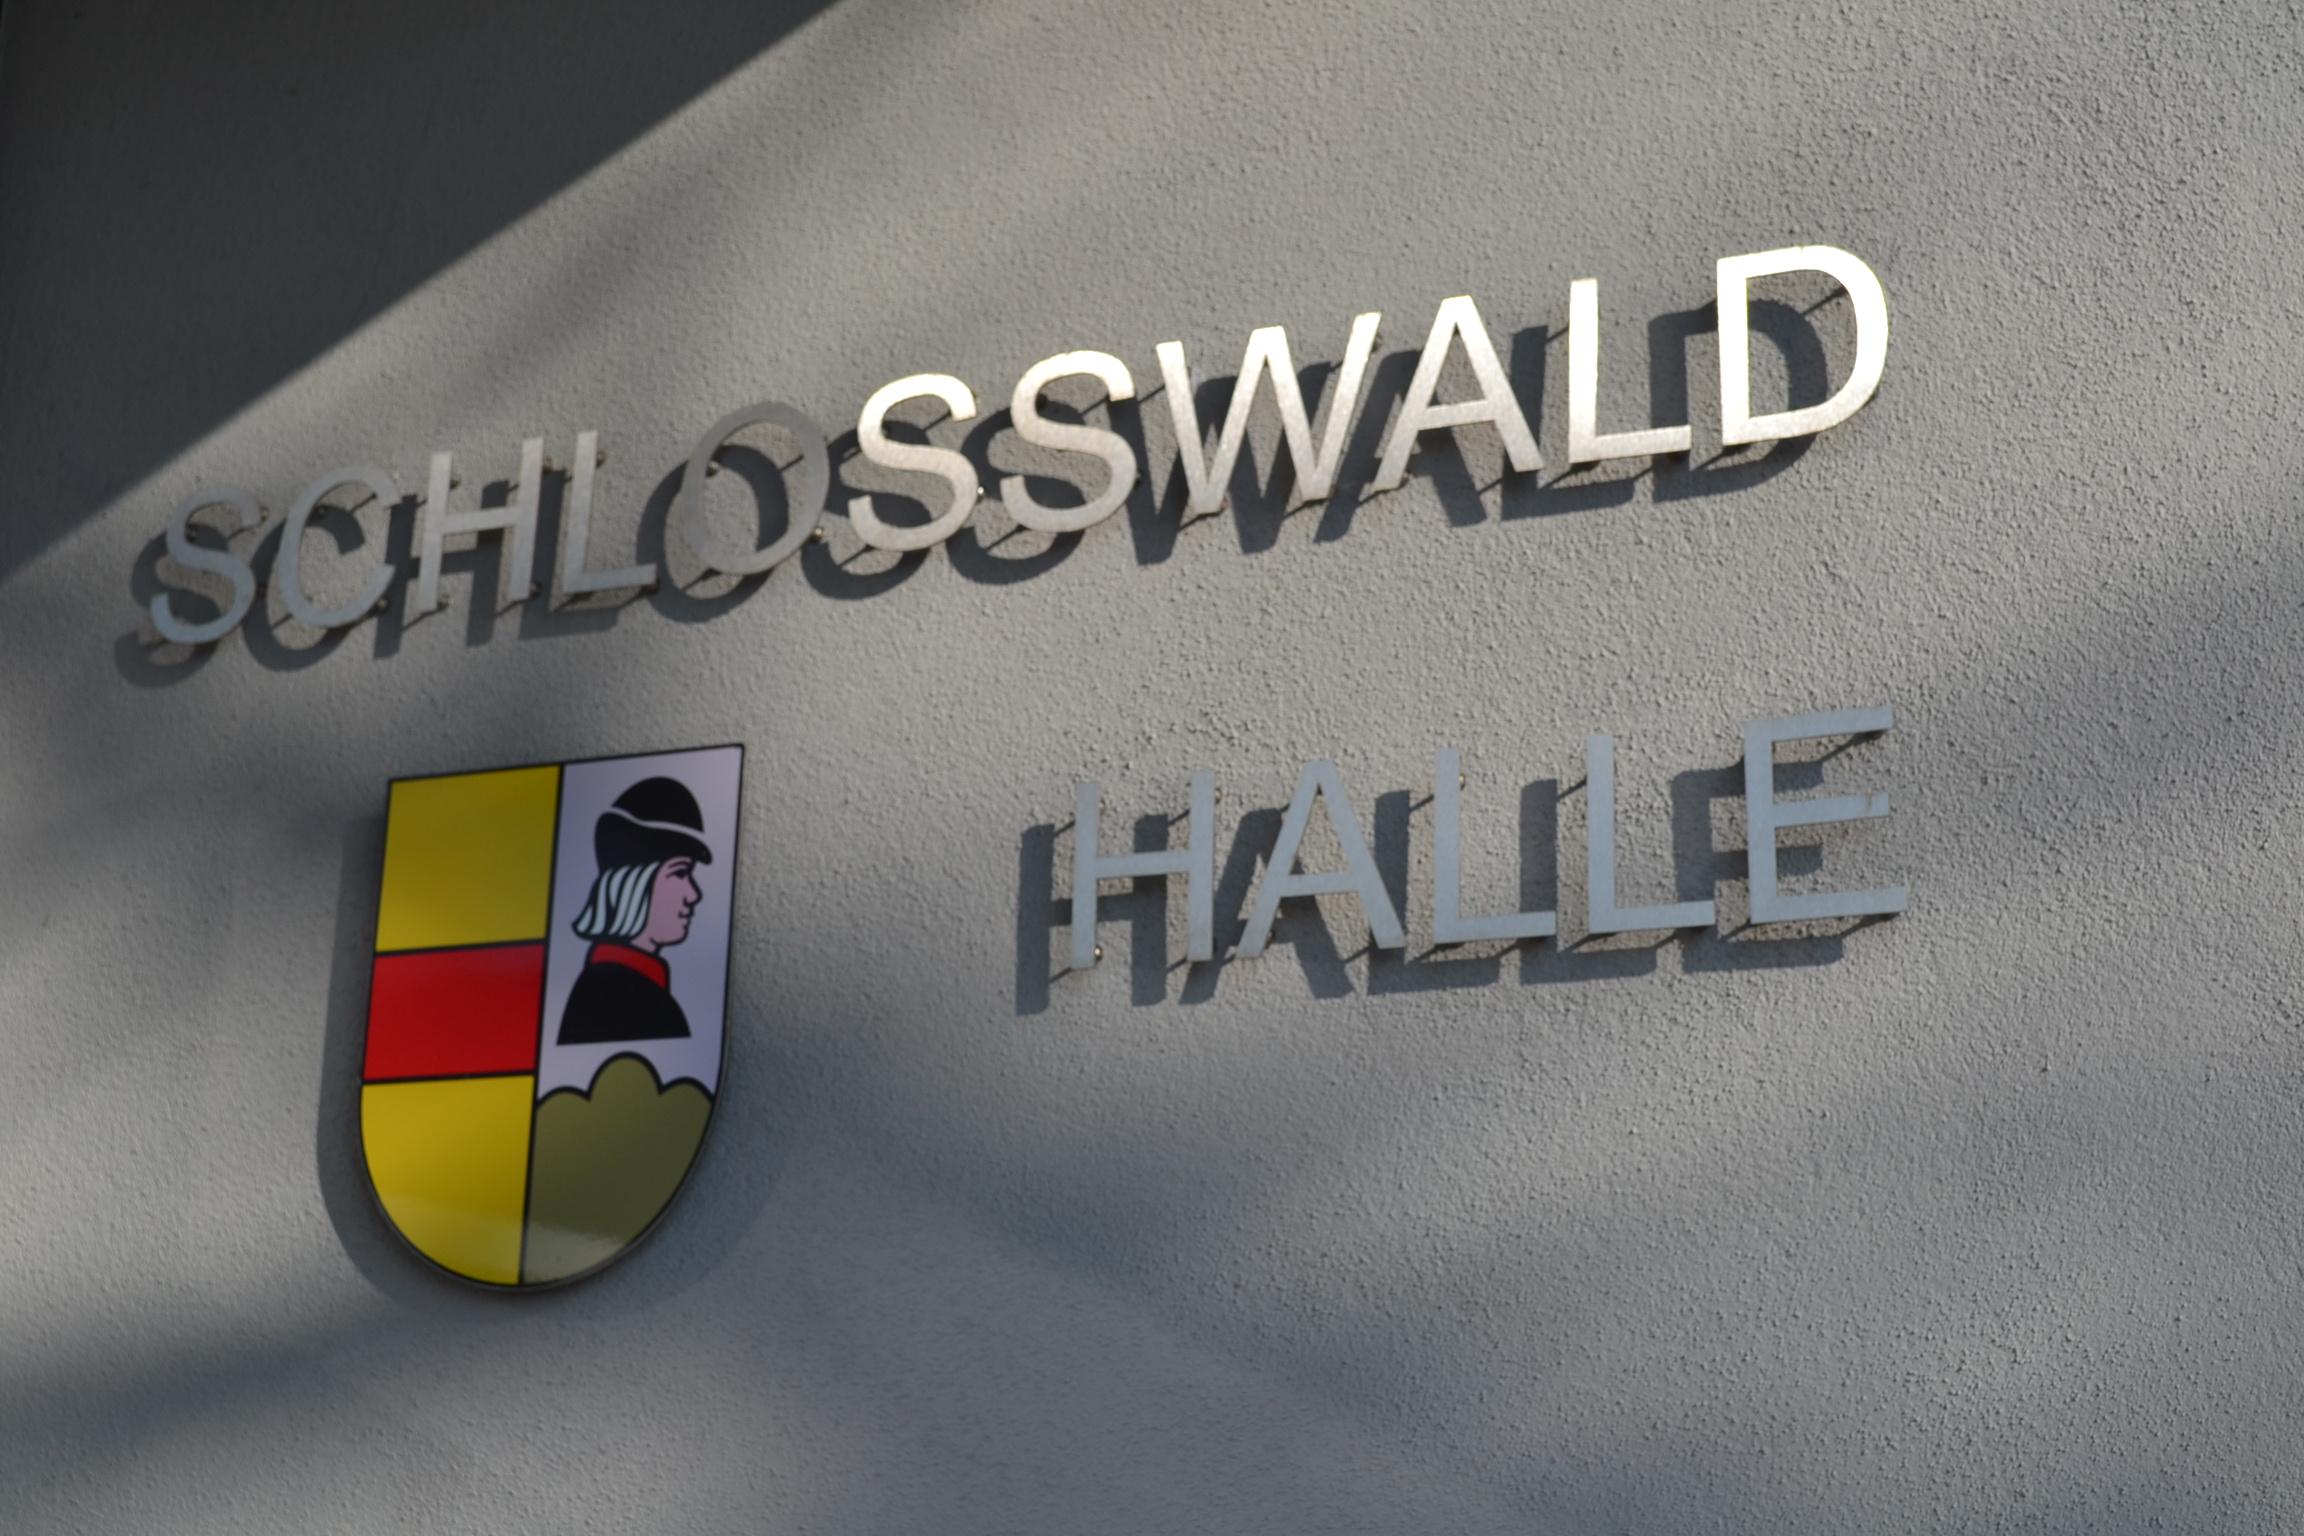 SchlosswaldhalleSchriftzugWappen